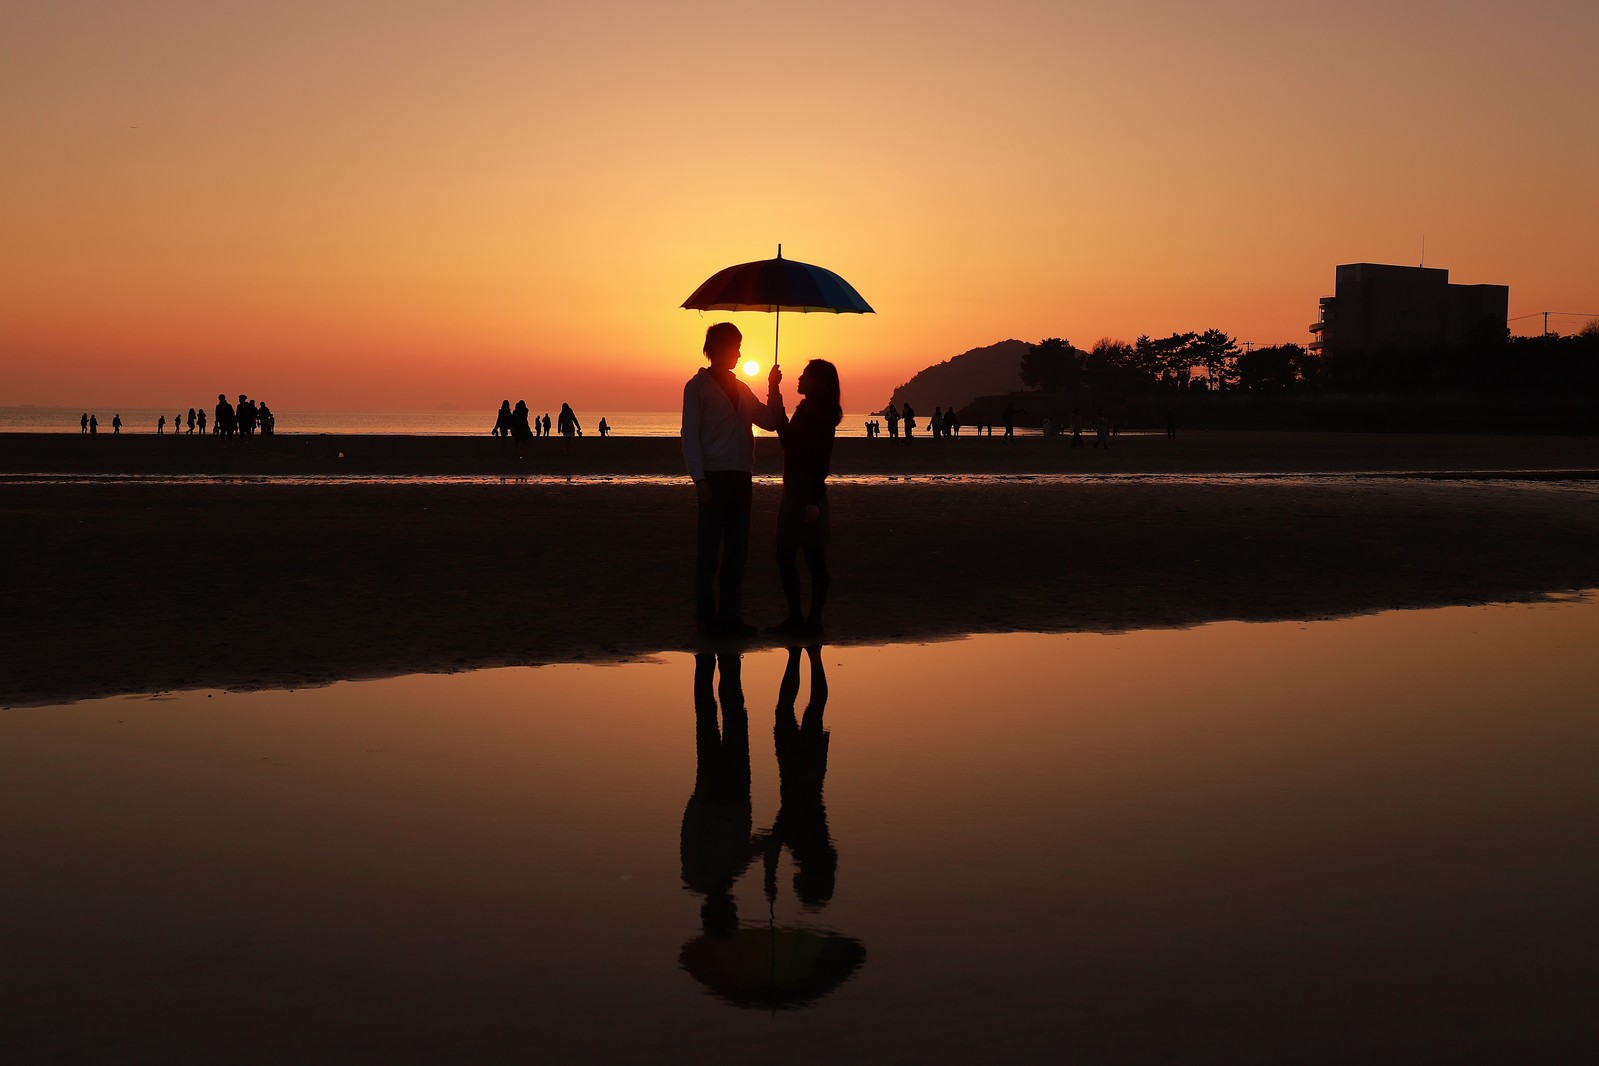 「夕暮れ時に浜辺で相合傘するカップル」